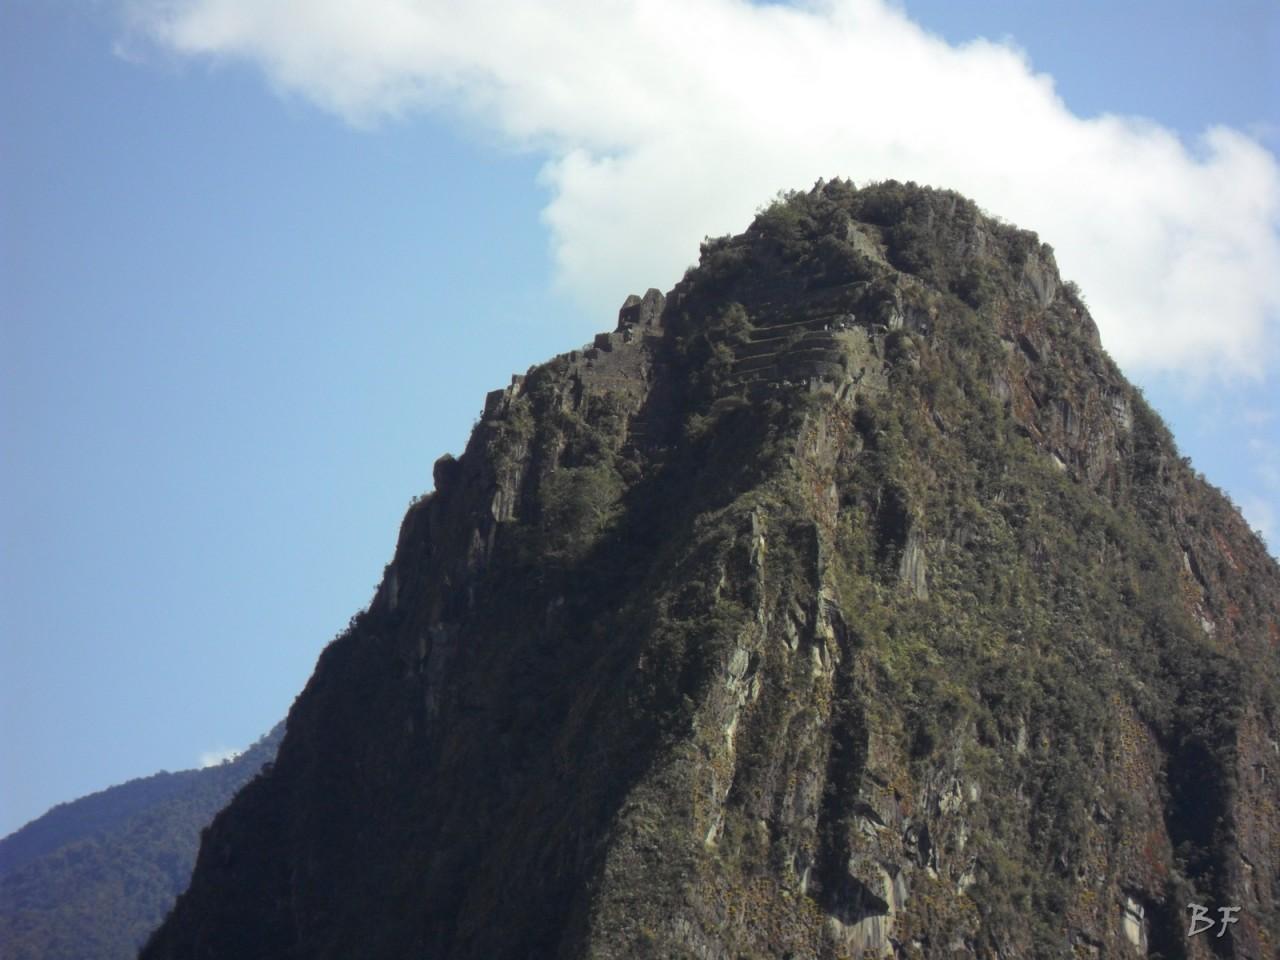 Mura-Poligonali-Incisioni-Altari-Edifici-Rupestri-Megaliti-Machu-Picchu-Aguas-Calientes-Urubamba-Cusco-Perù-9